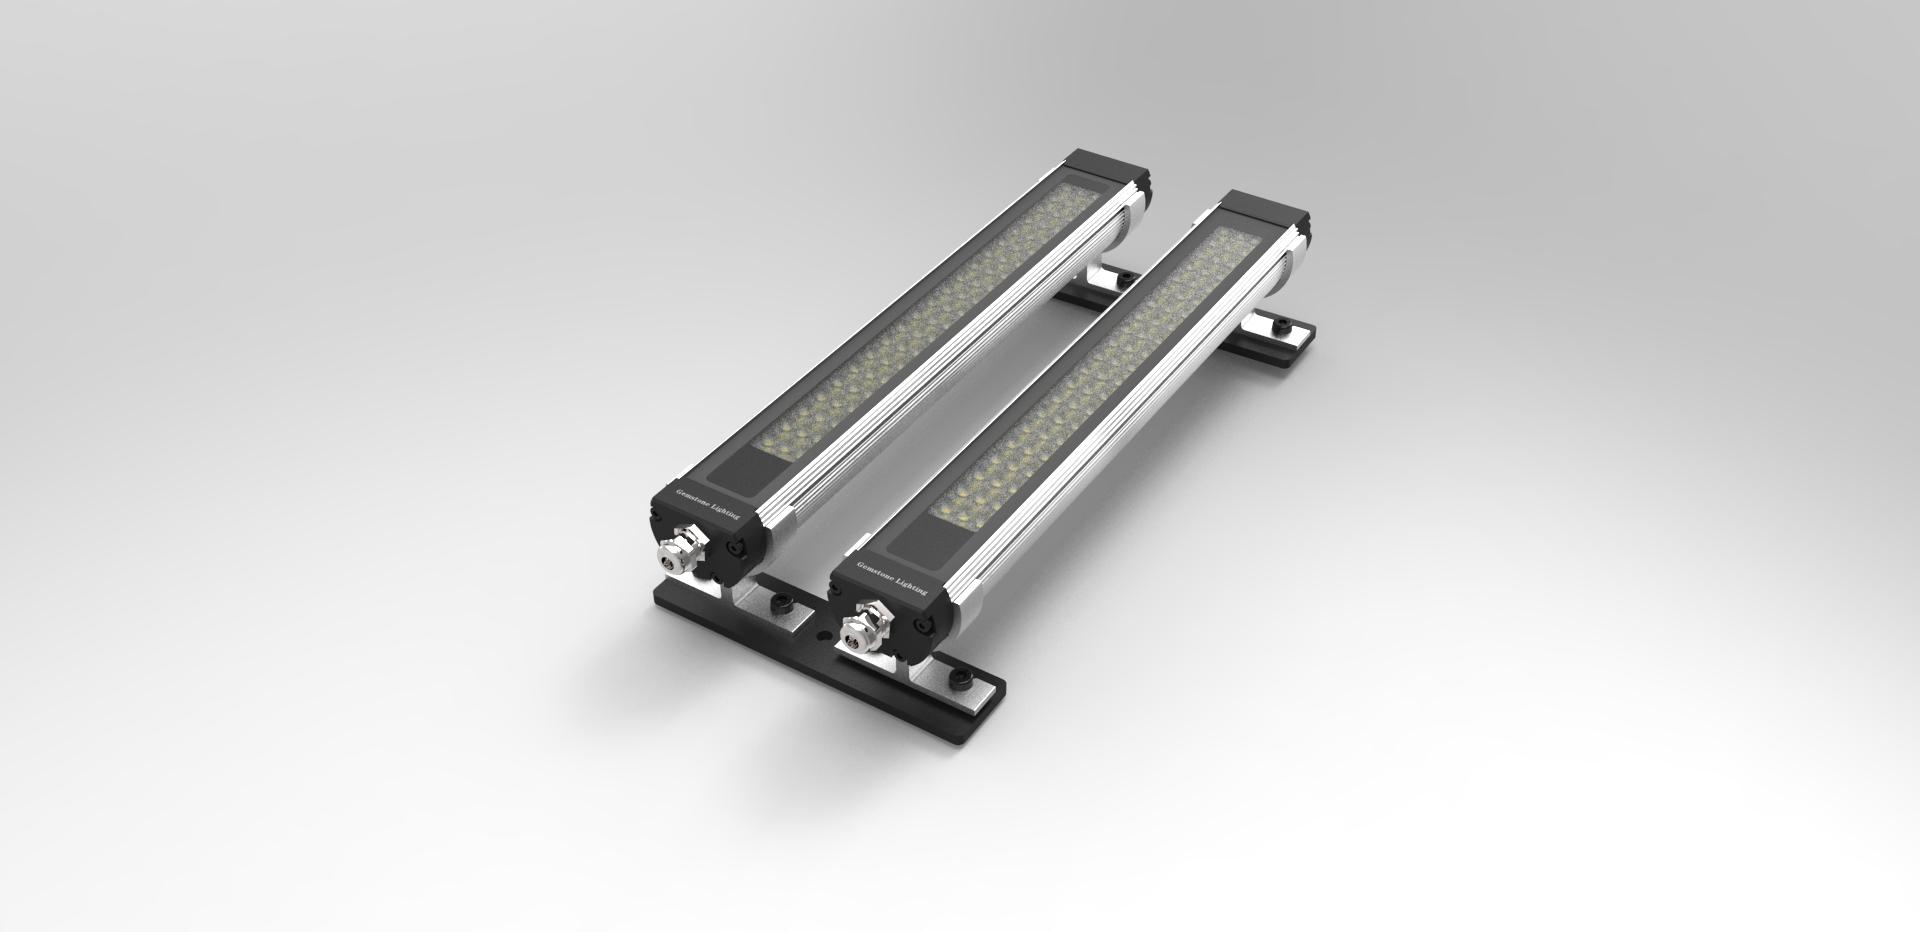 双灯头多角度可调节高显指照明产品